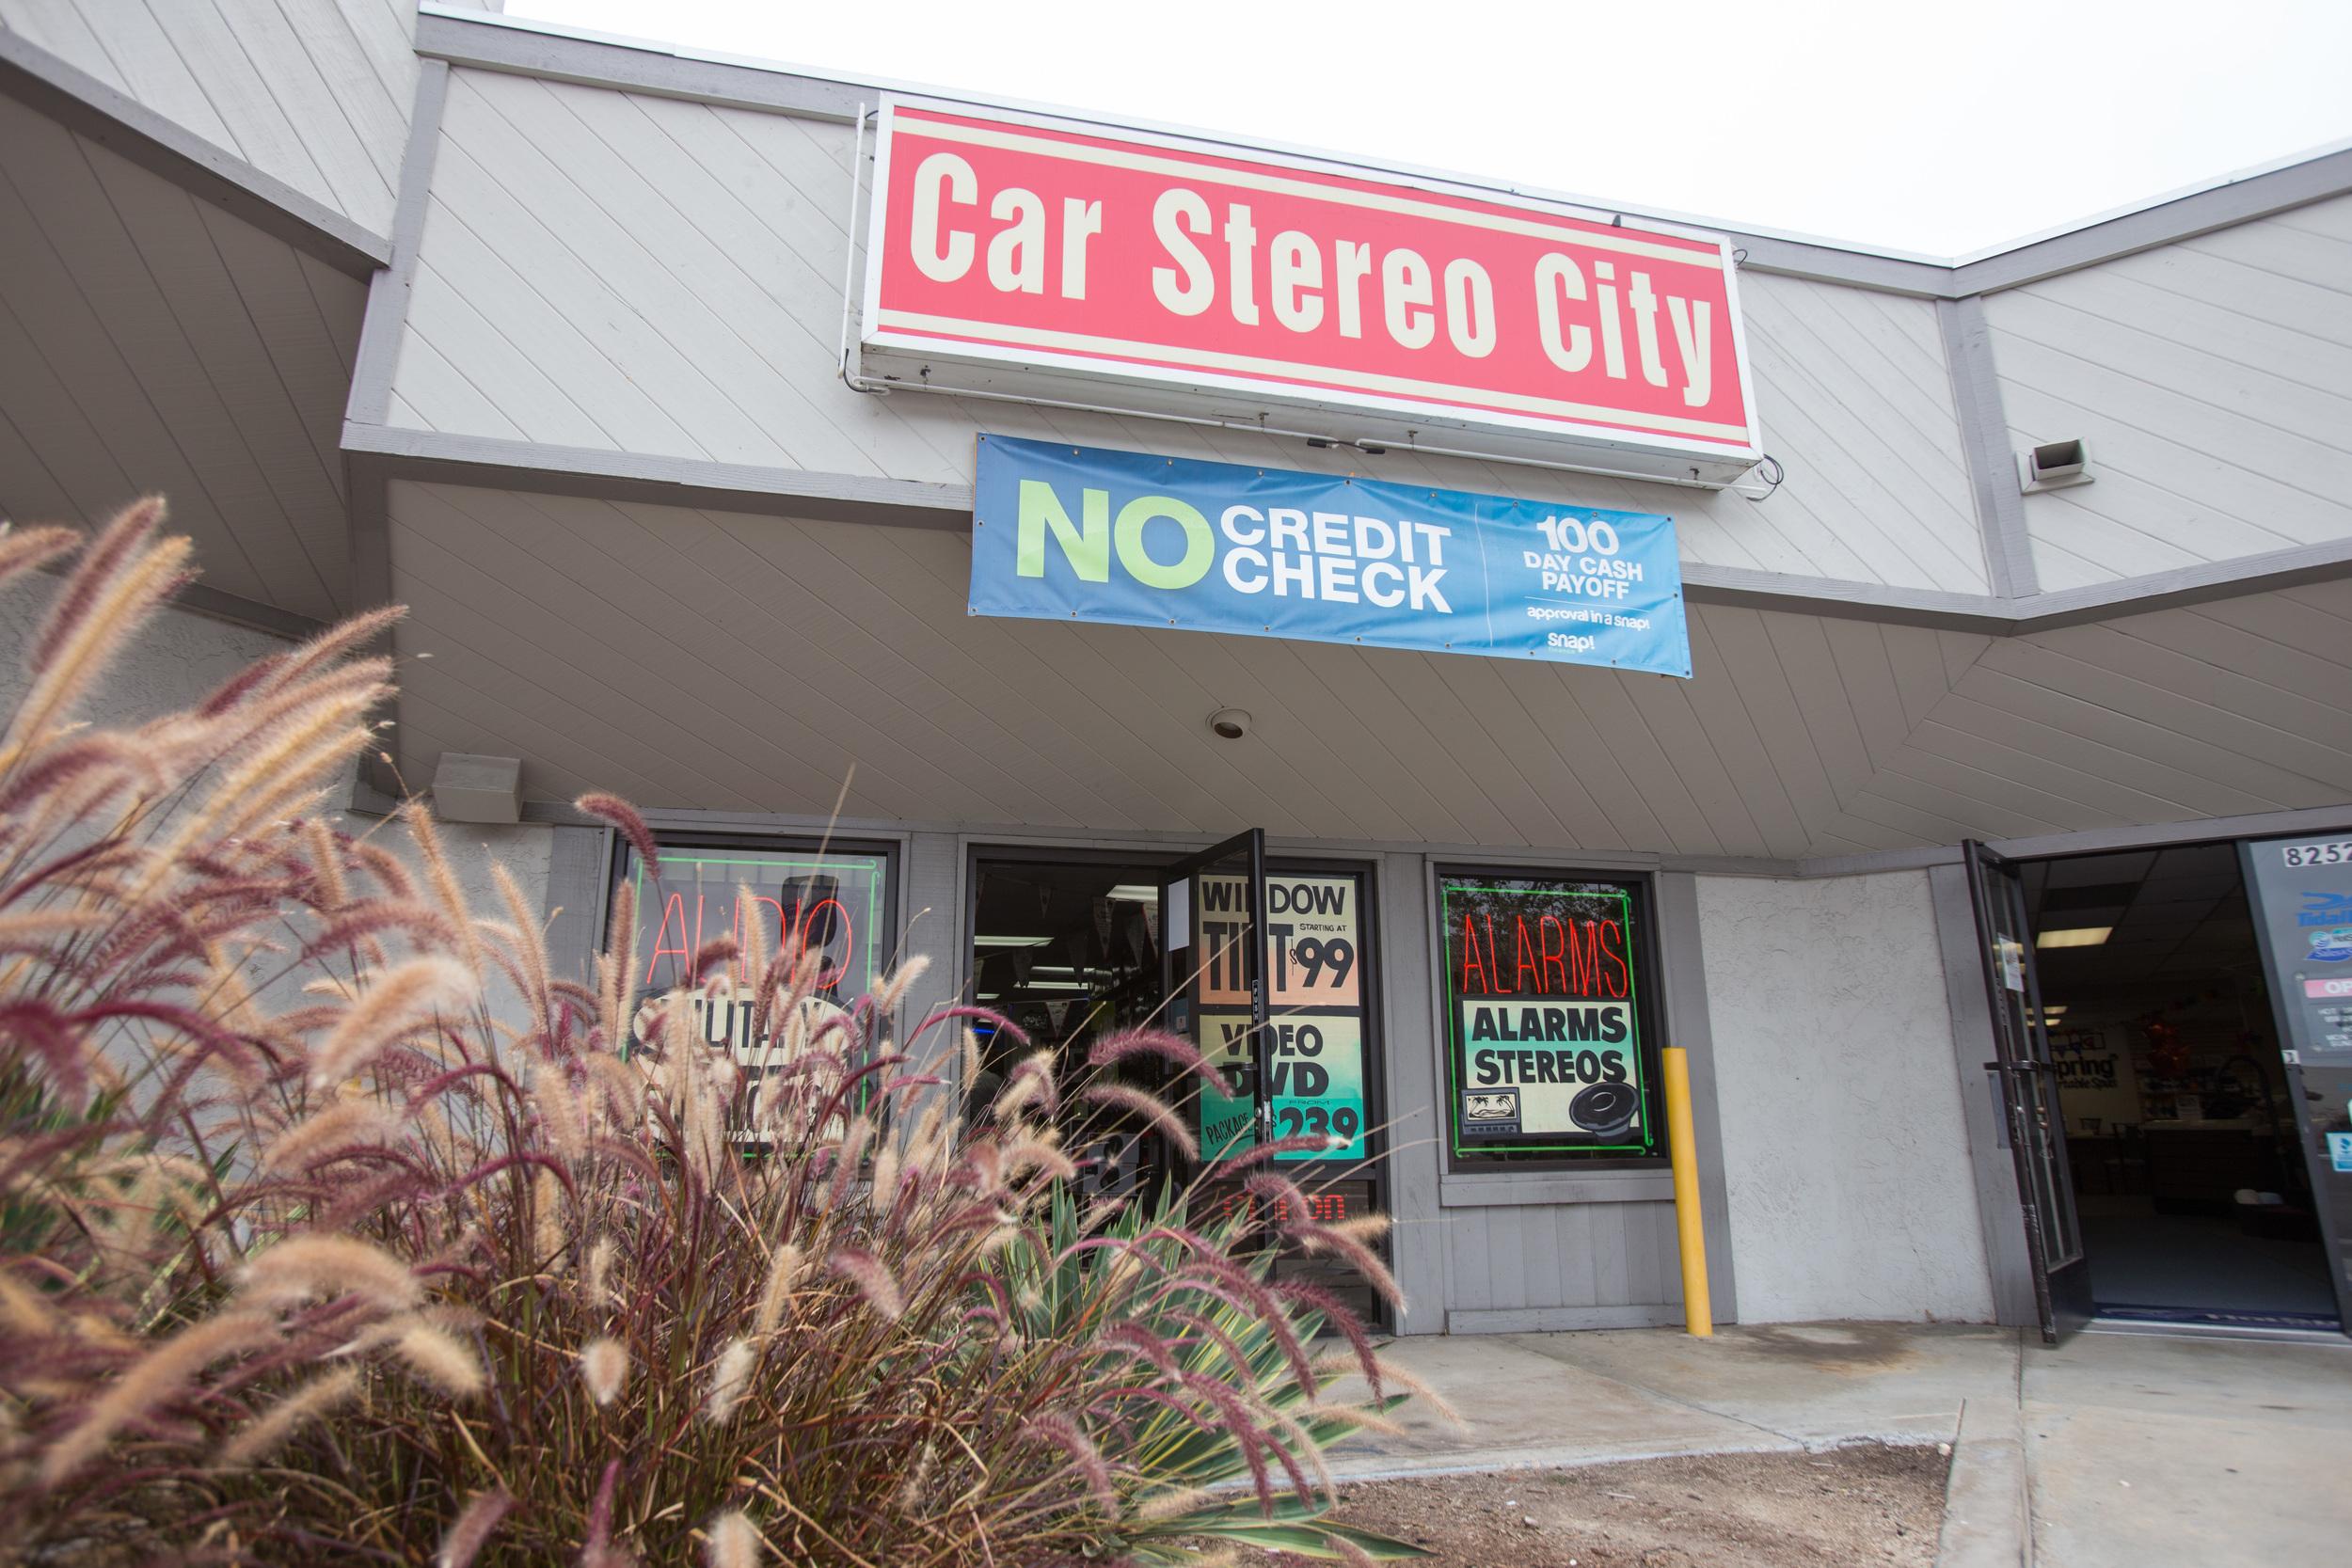 Car Stereo City Kearny Mesa